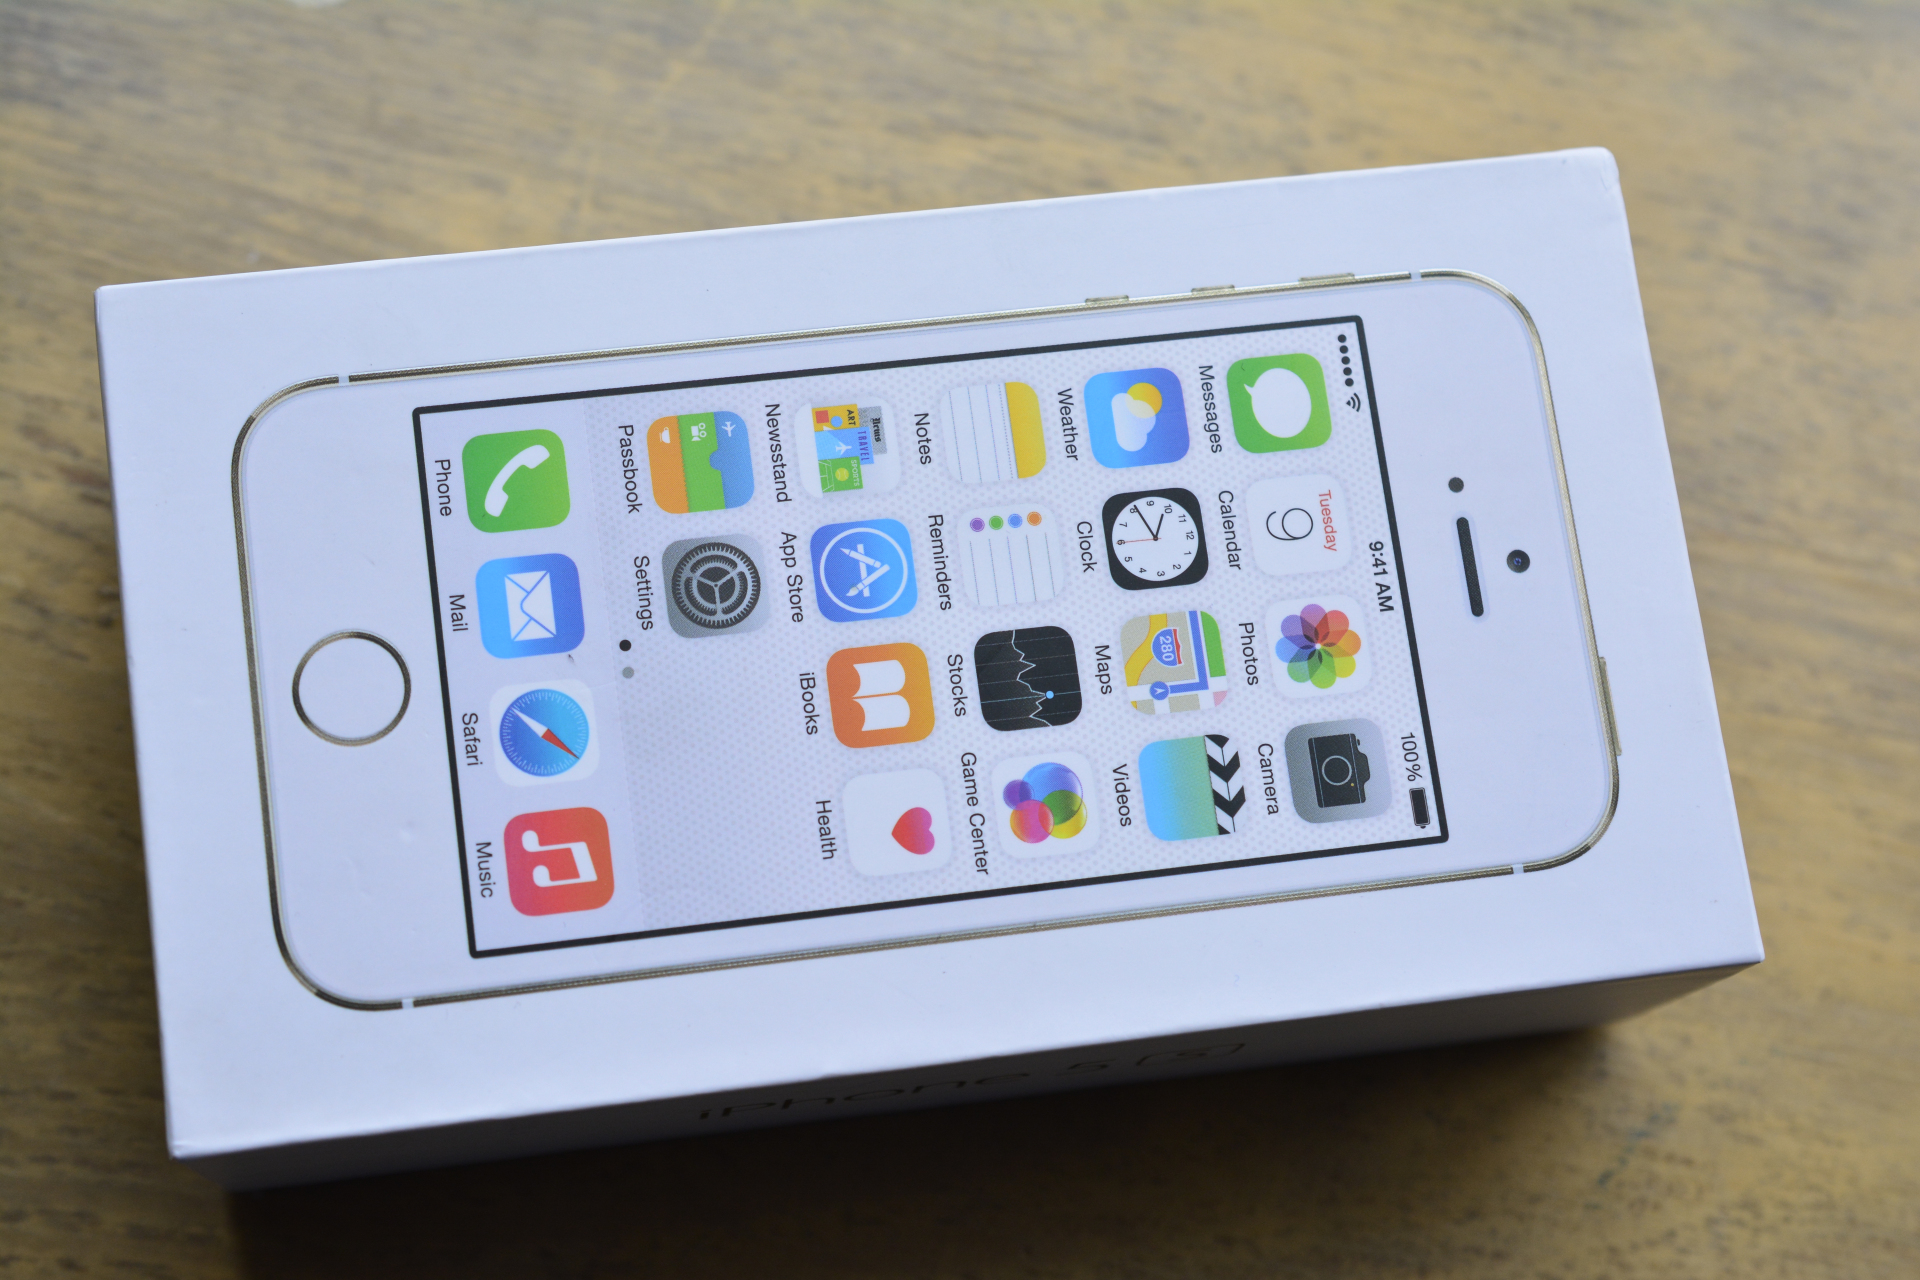 最新苹果iphone 5s产品的全部信息汇总-zol微动态